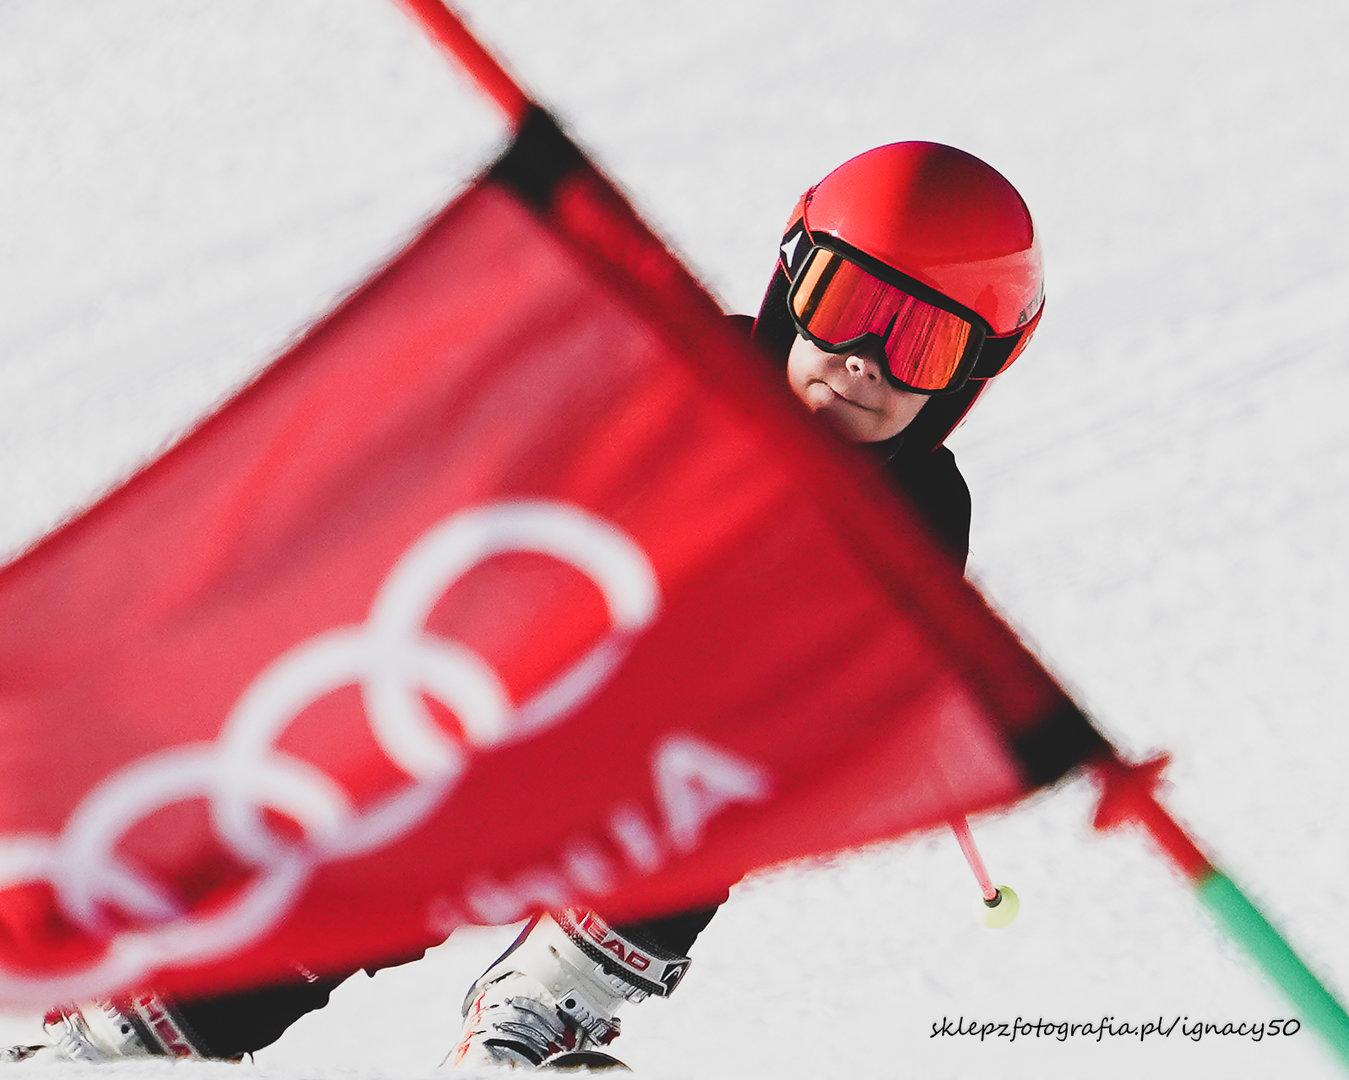 krótka historia o czerwieni na śniegu - Olek